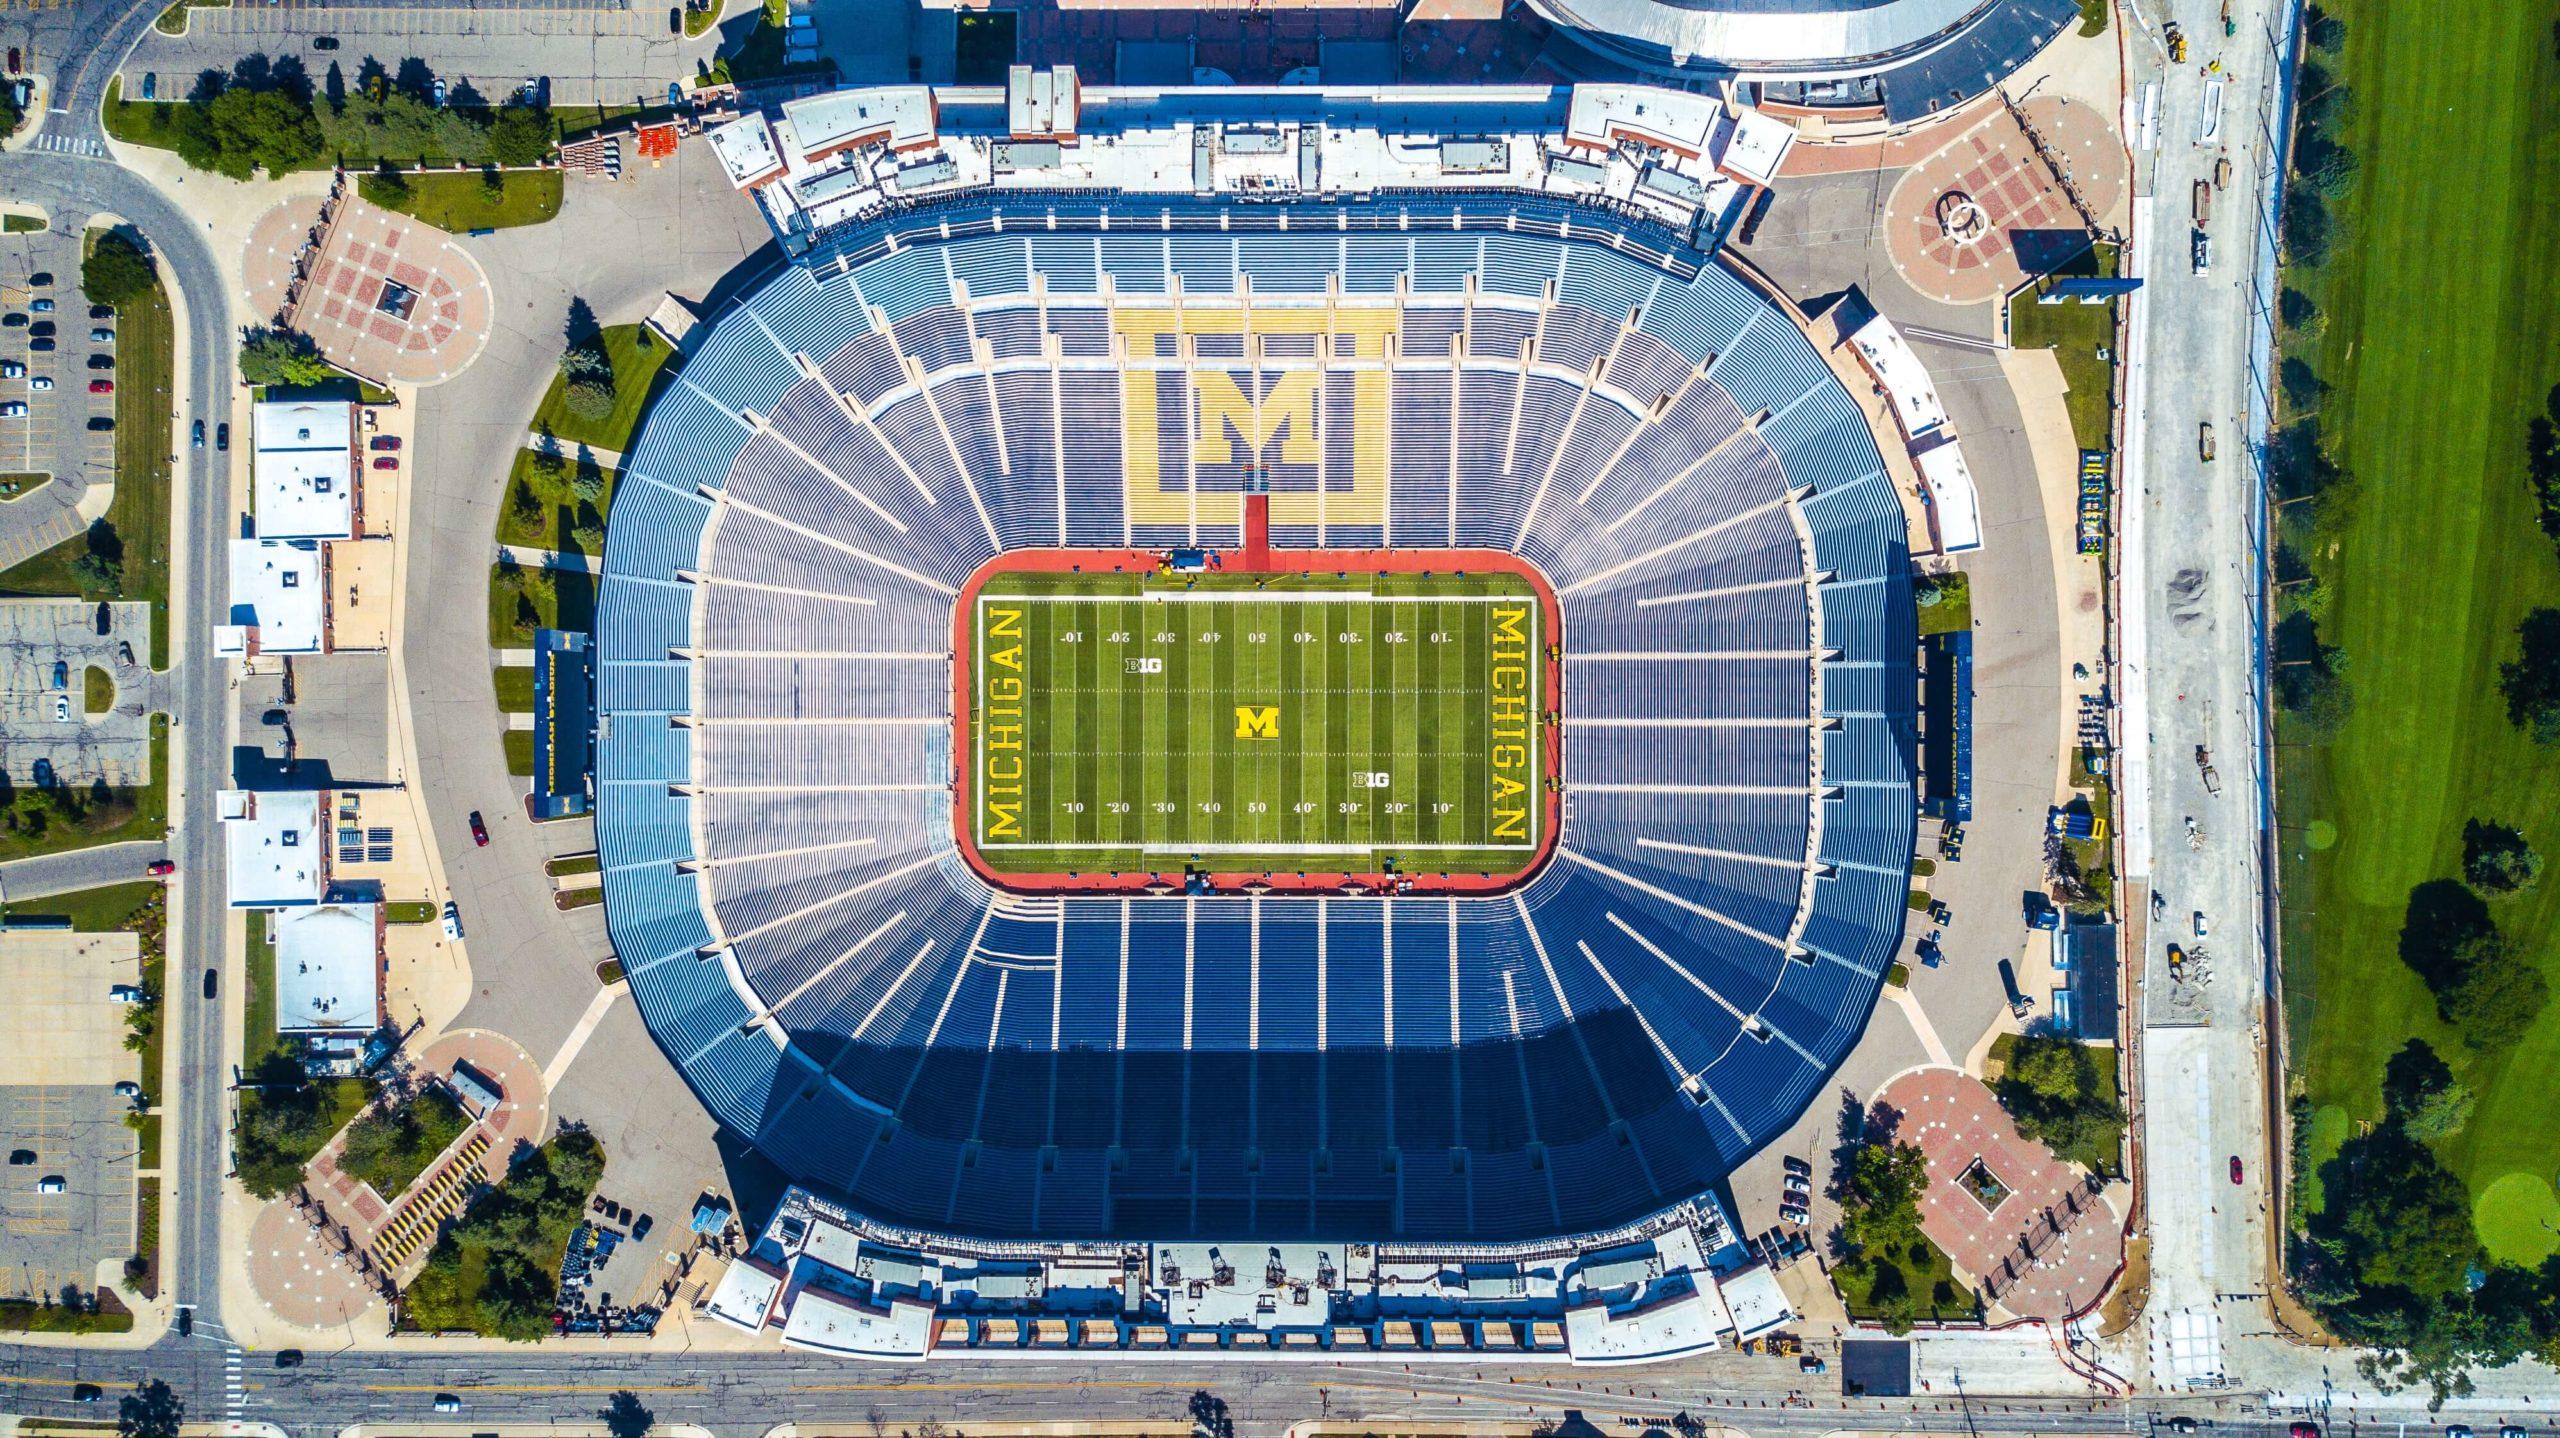 Michigan Stadium aerial view